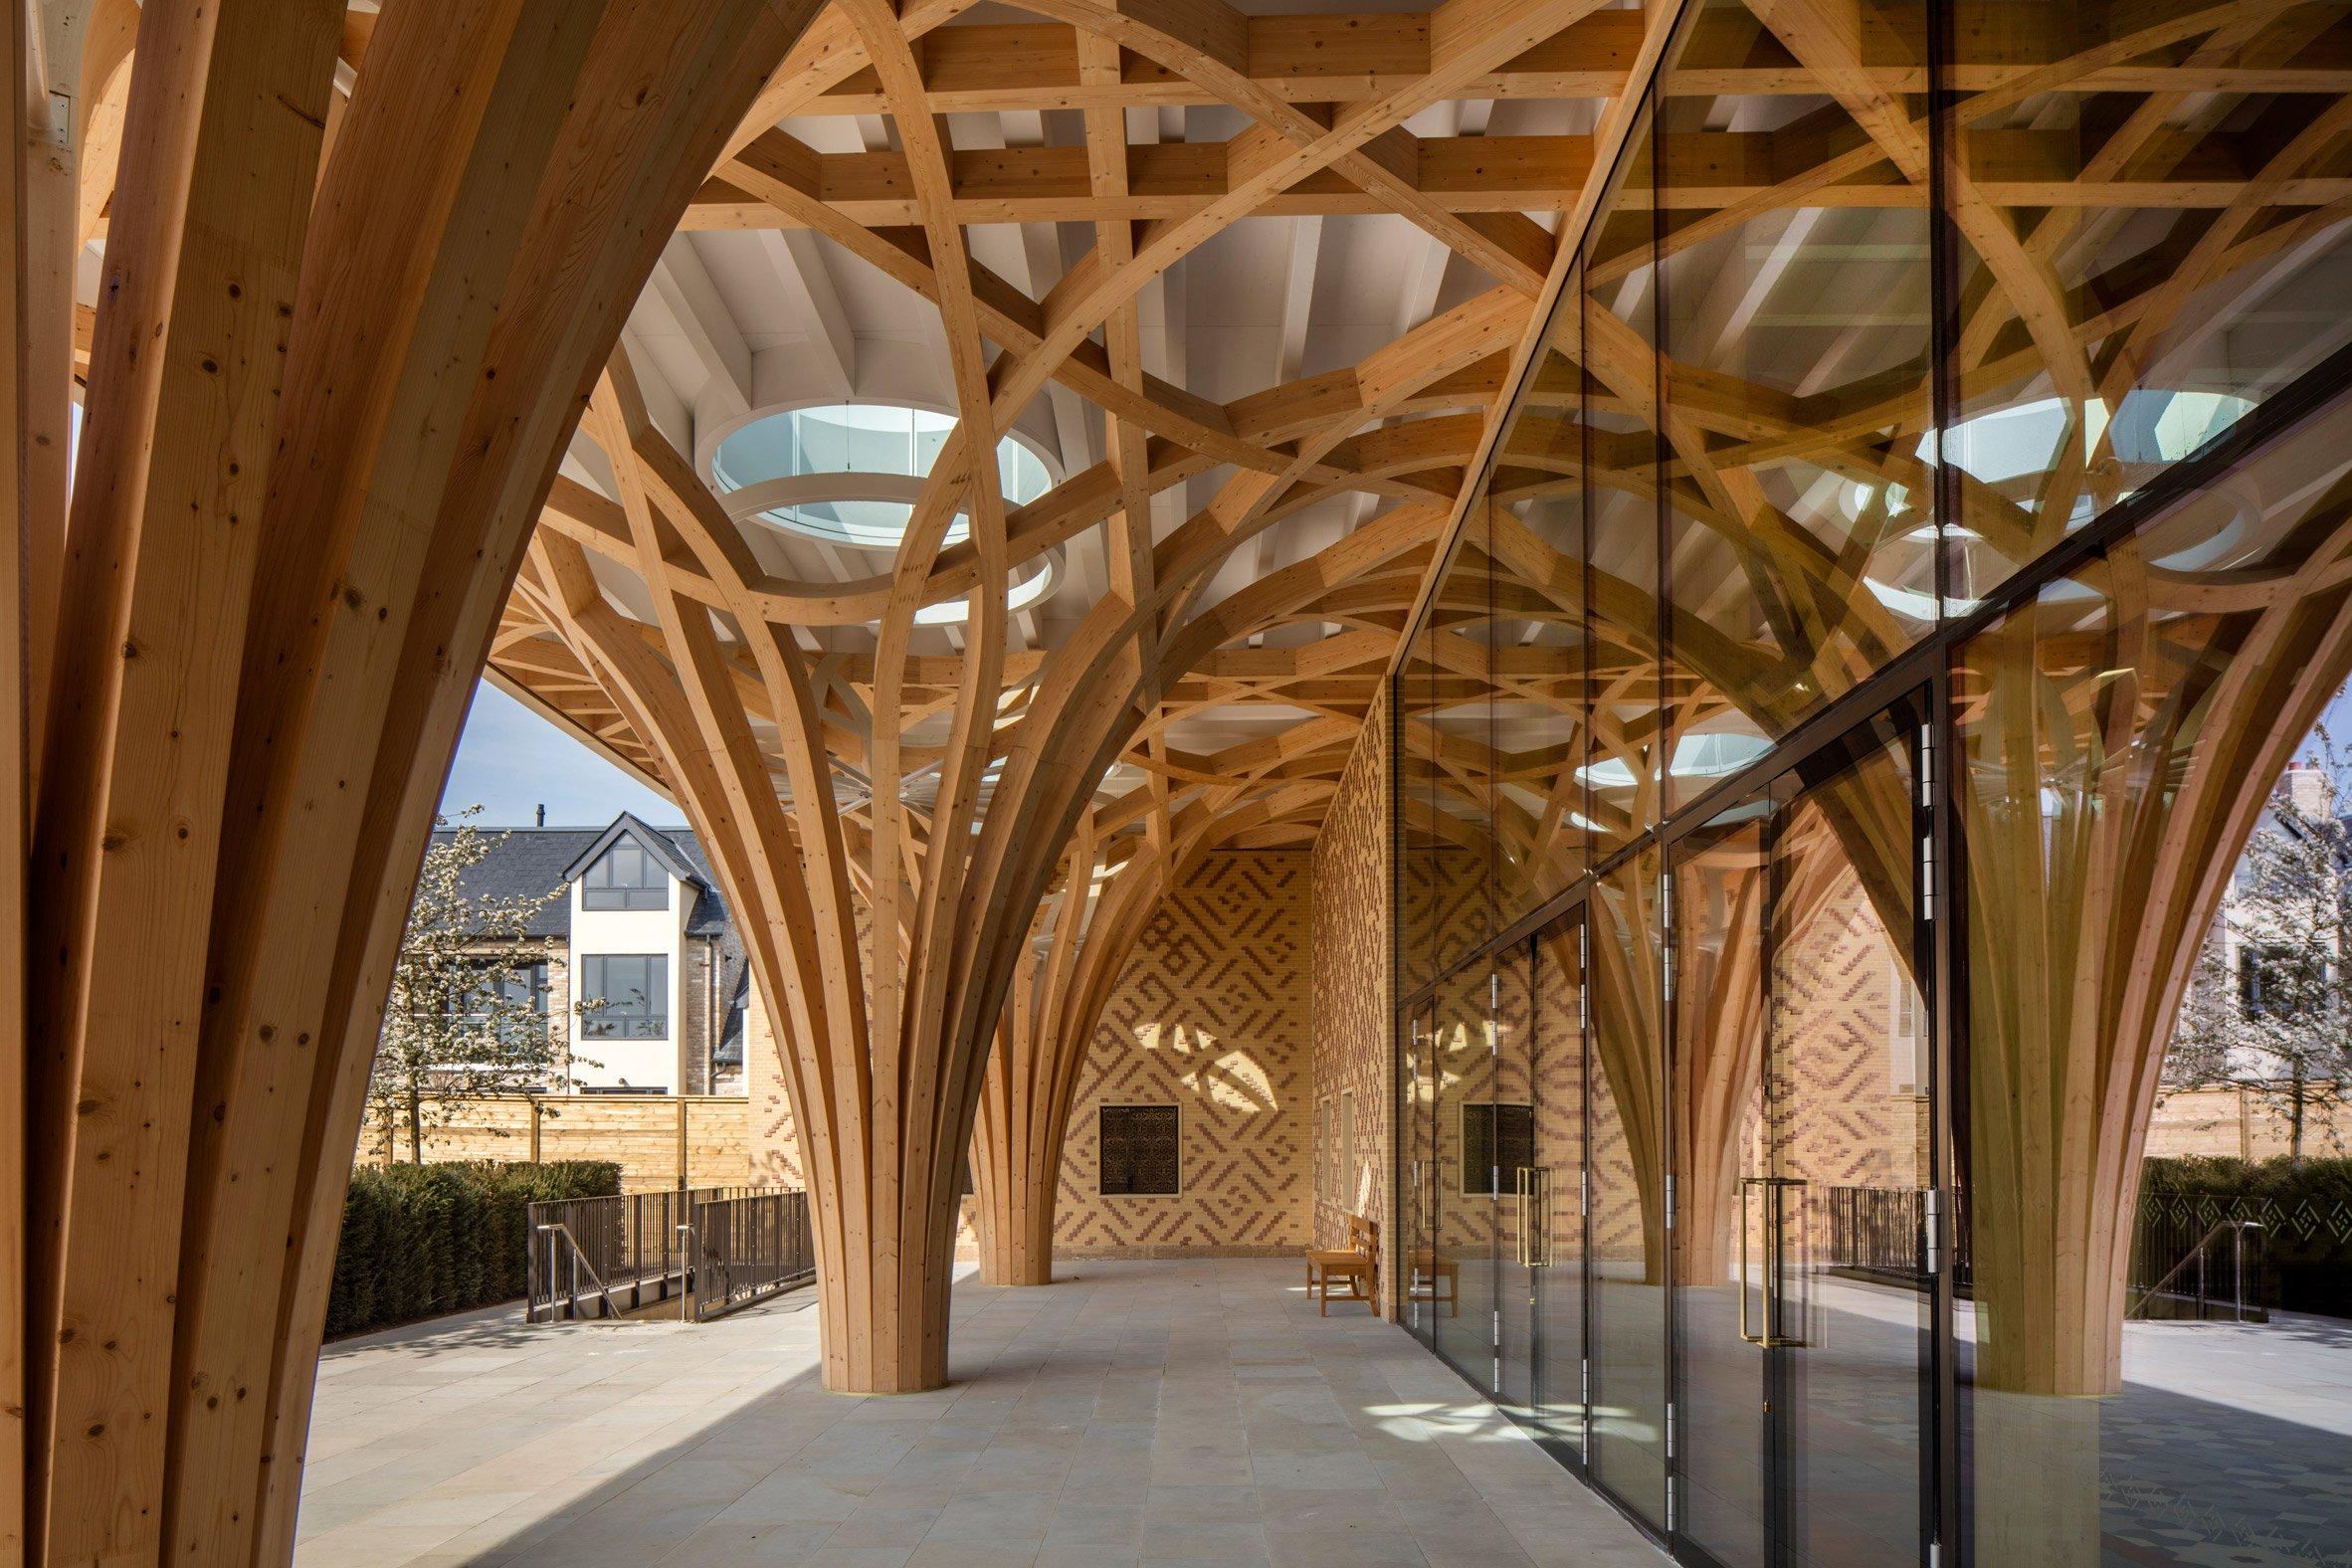 Interwoven timber columns